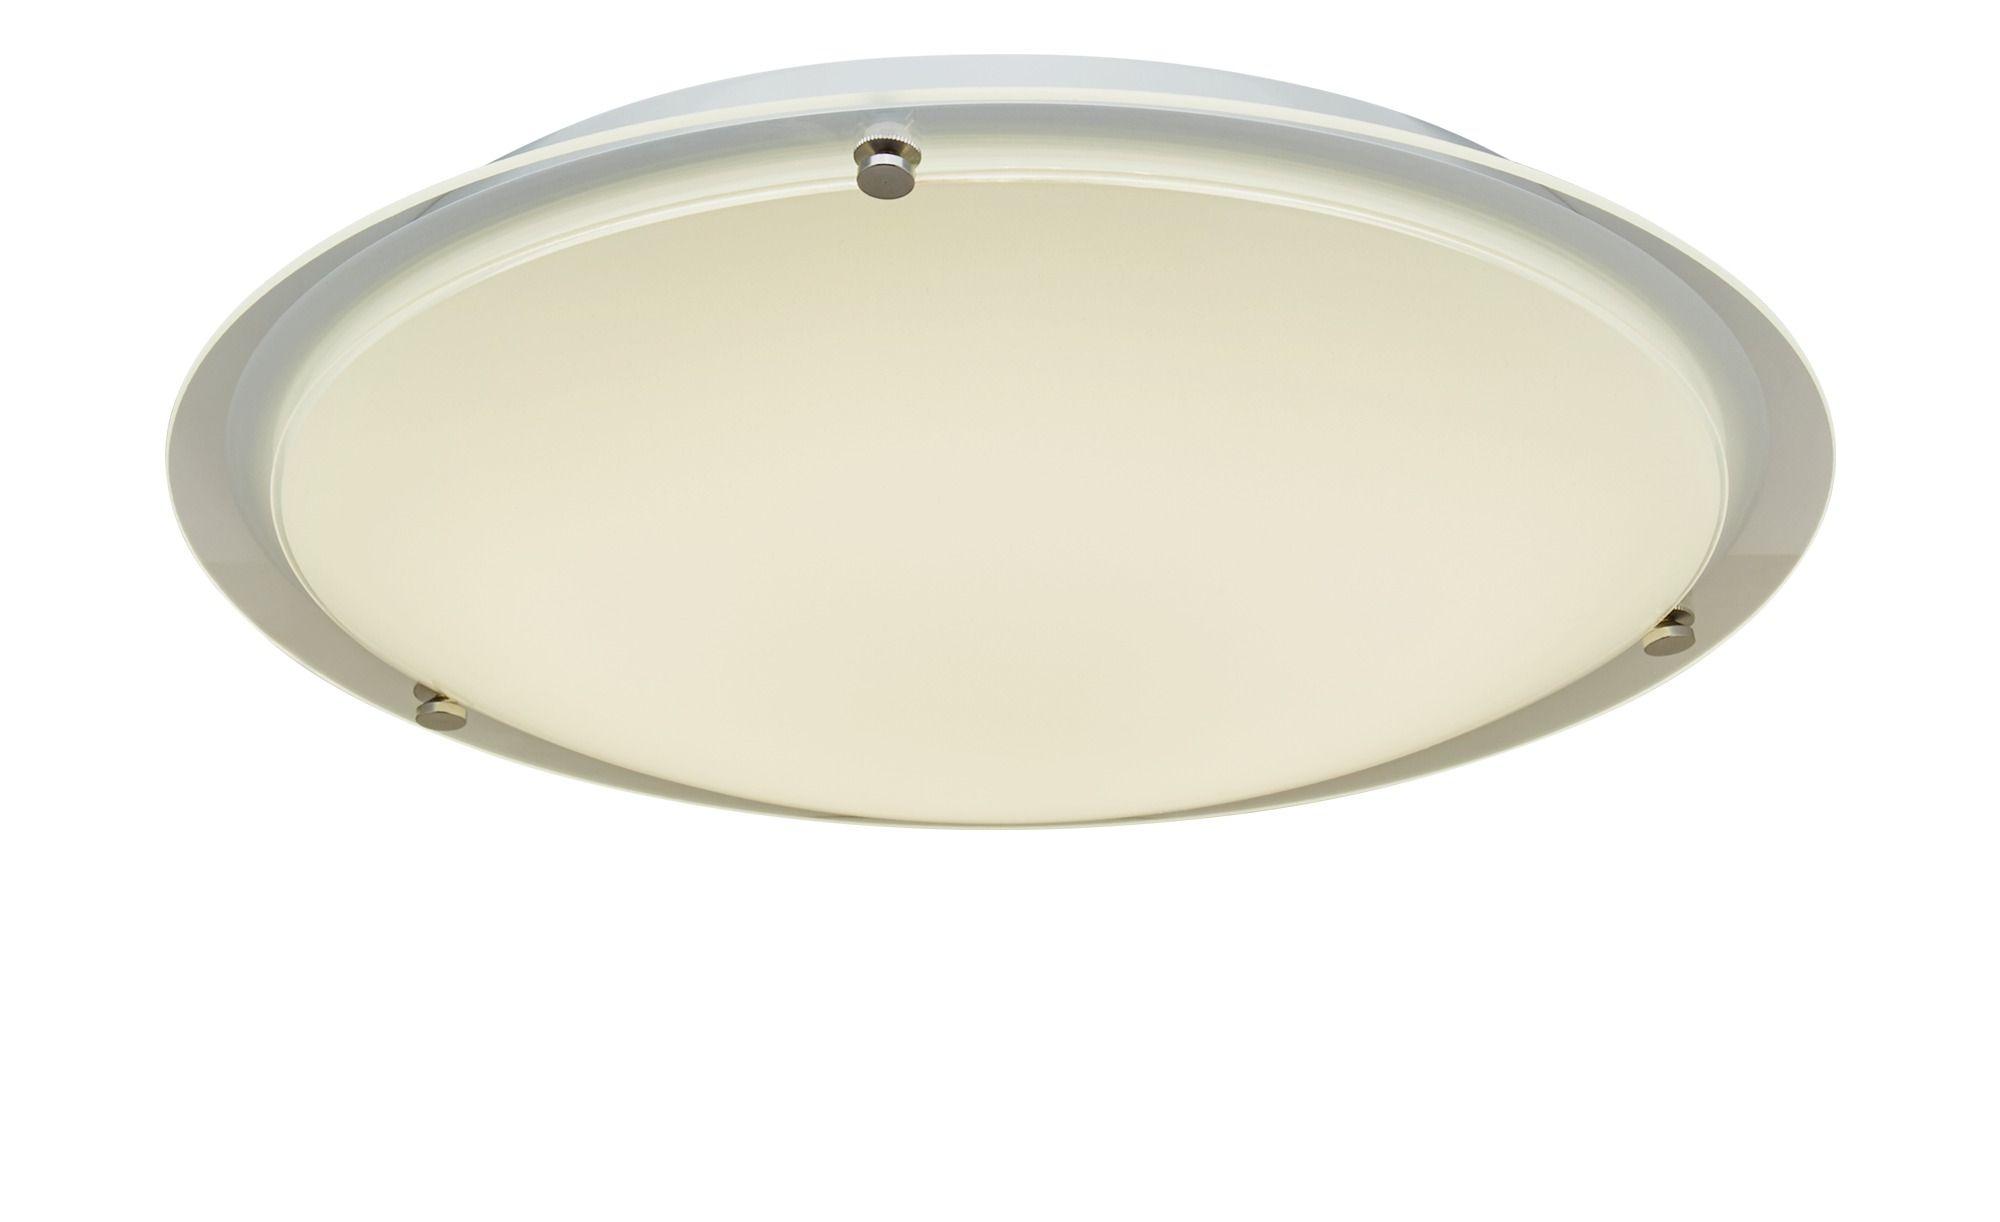 Großartig led lampe rund zeitgenössisch hauptinnenideen kakados.com